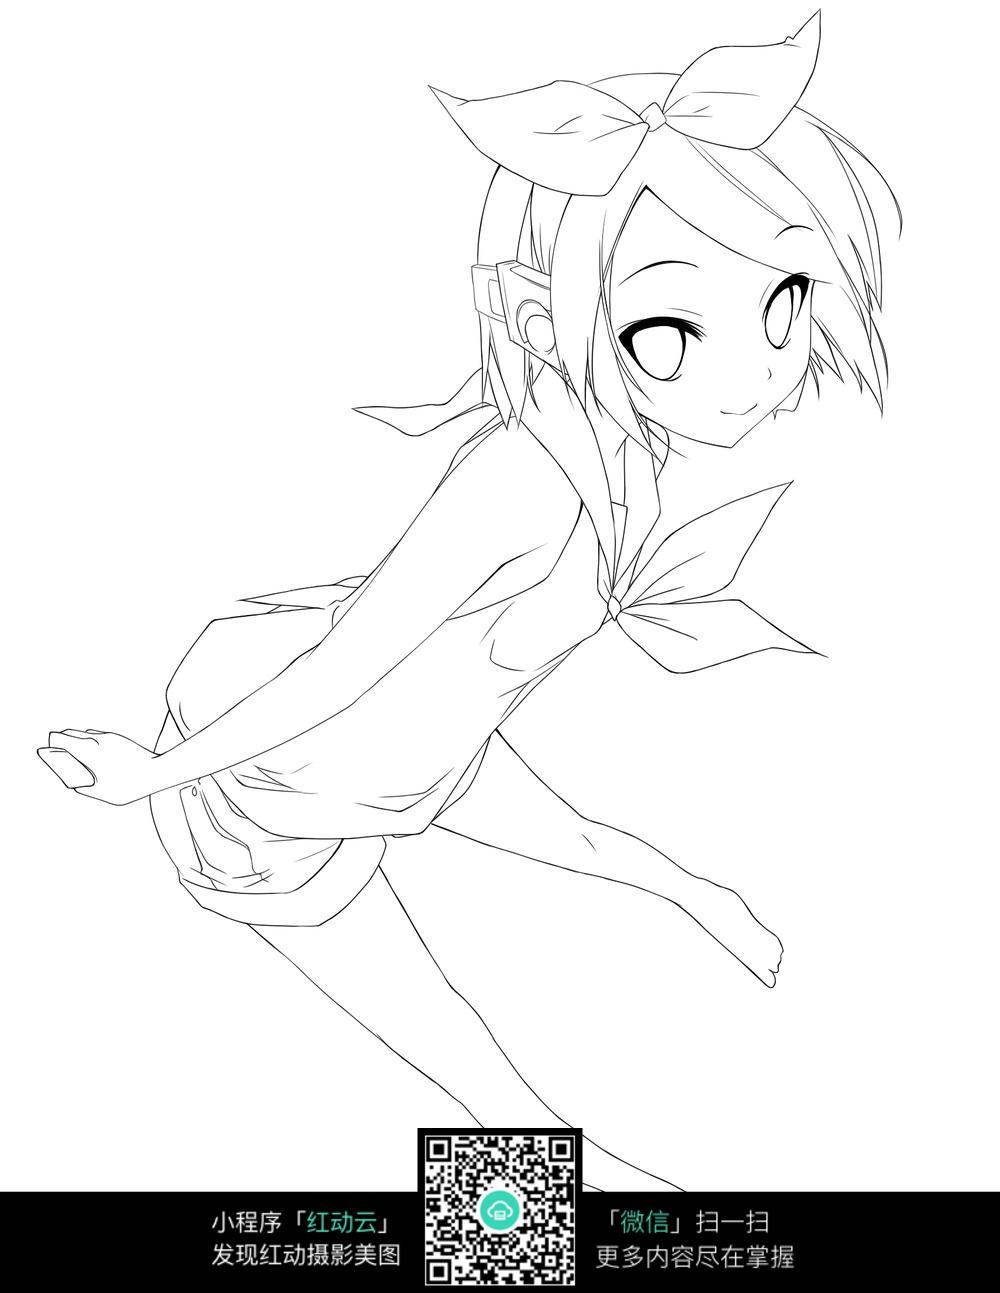 可爱小女孩动漫人物图片